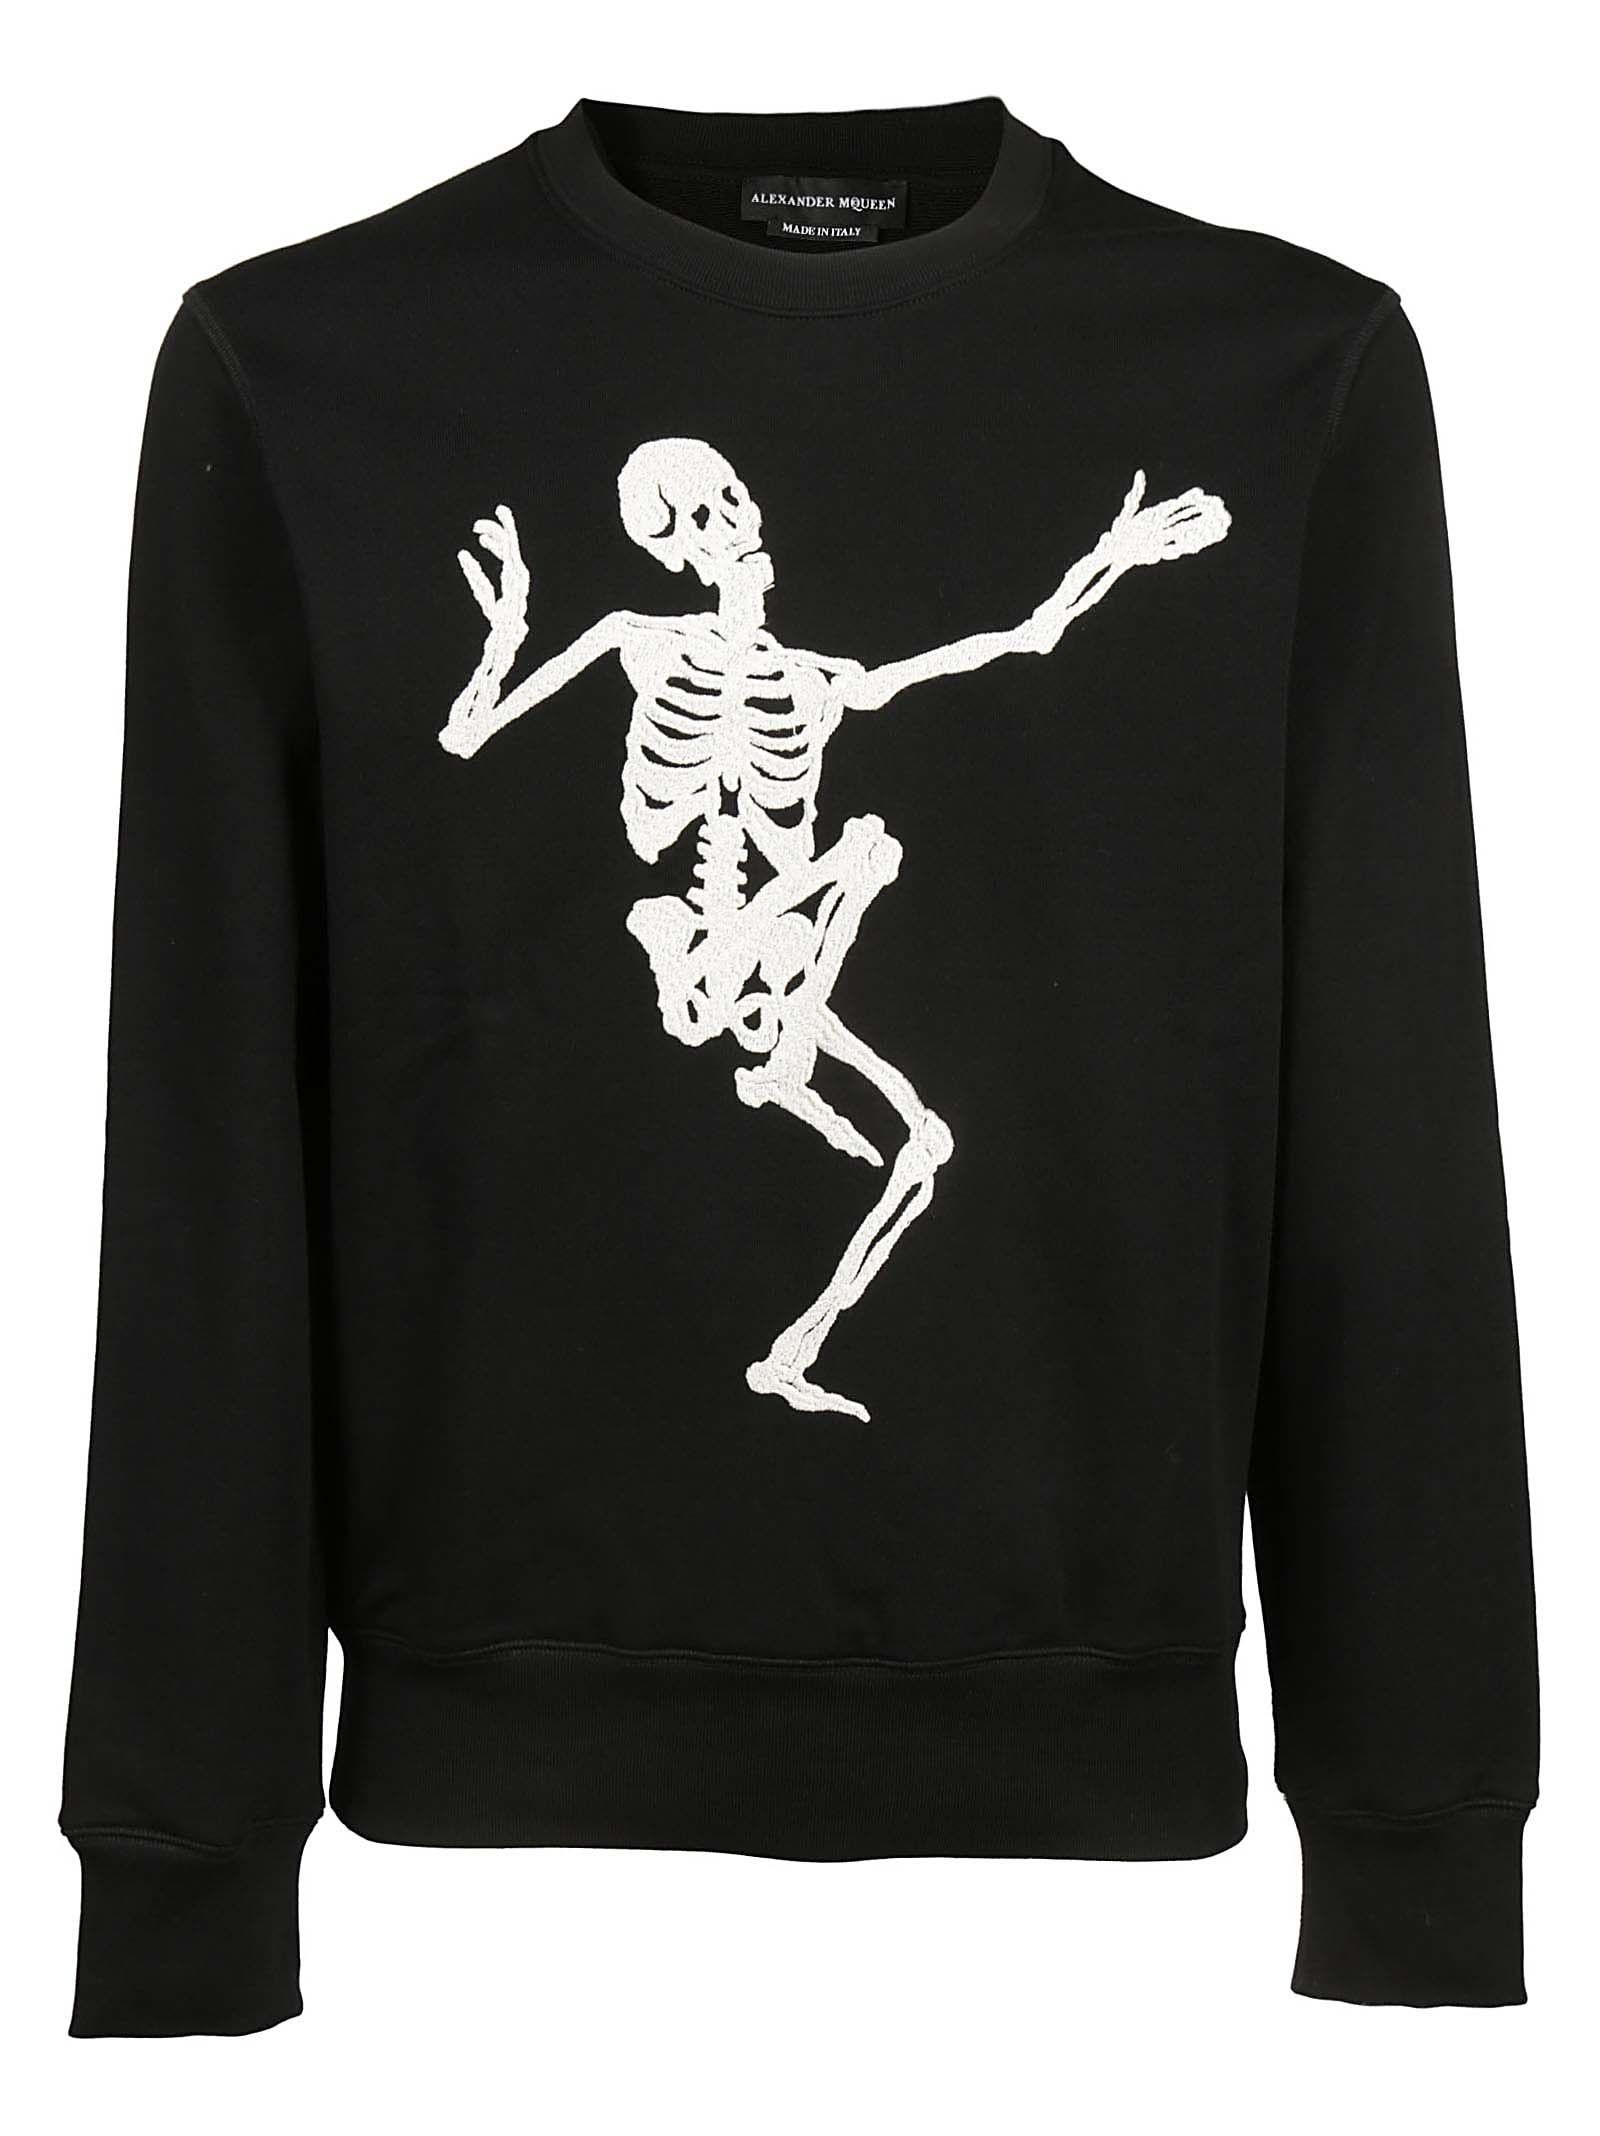 Alexander Mcqueen Dancing Skeleton Print Sweatshirt